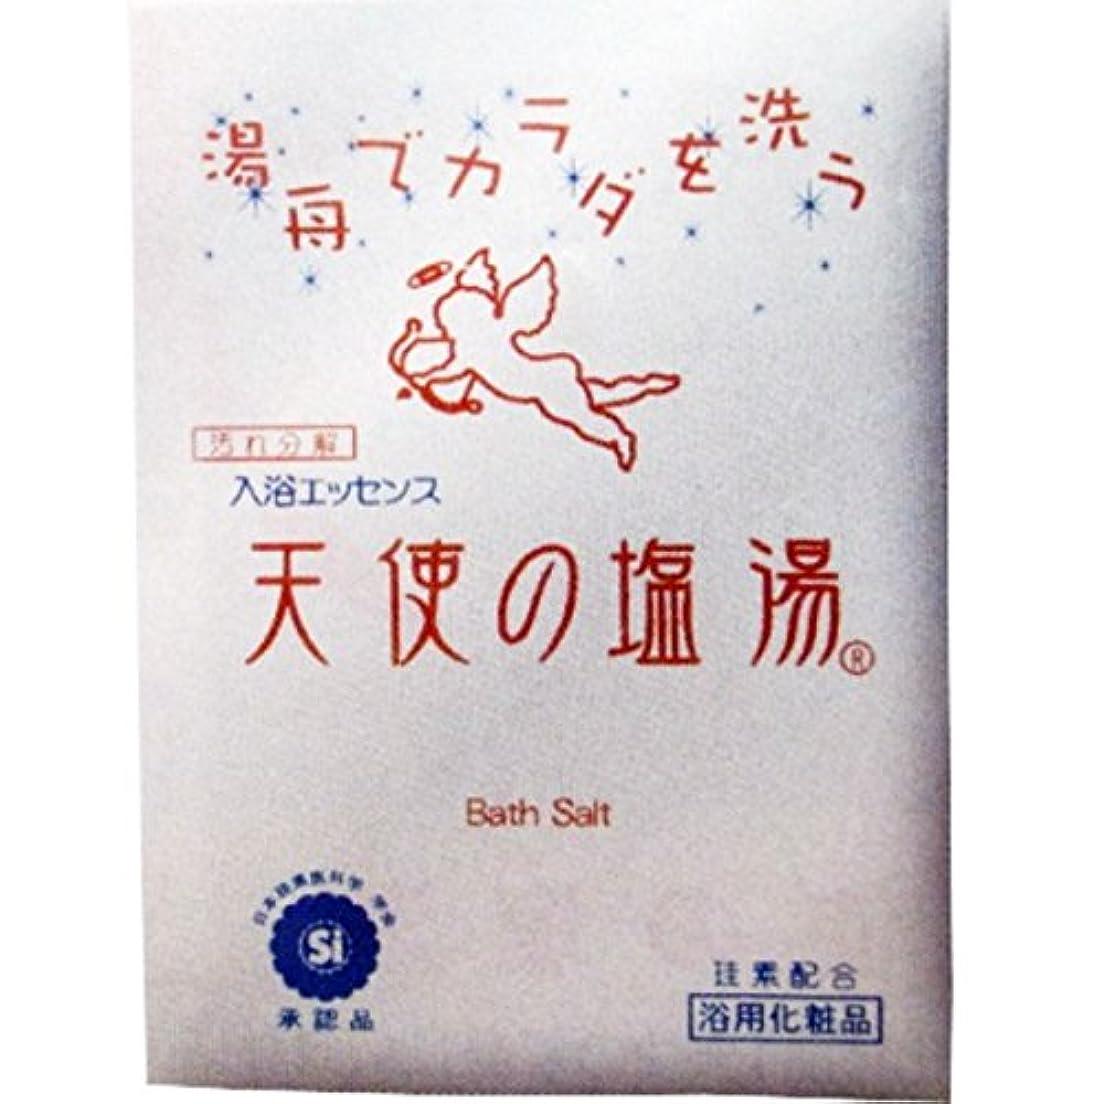 間興奮大胆入浴エッセンス天使の塩湯 dS-1267872